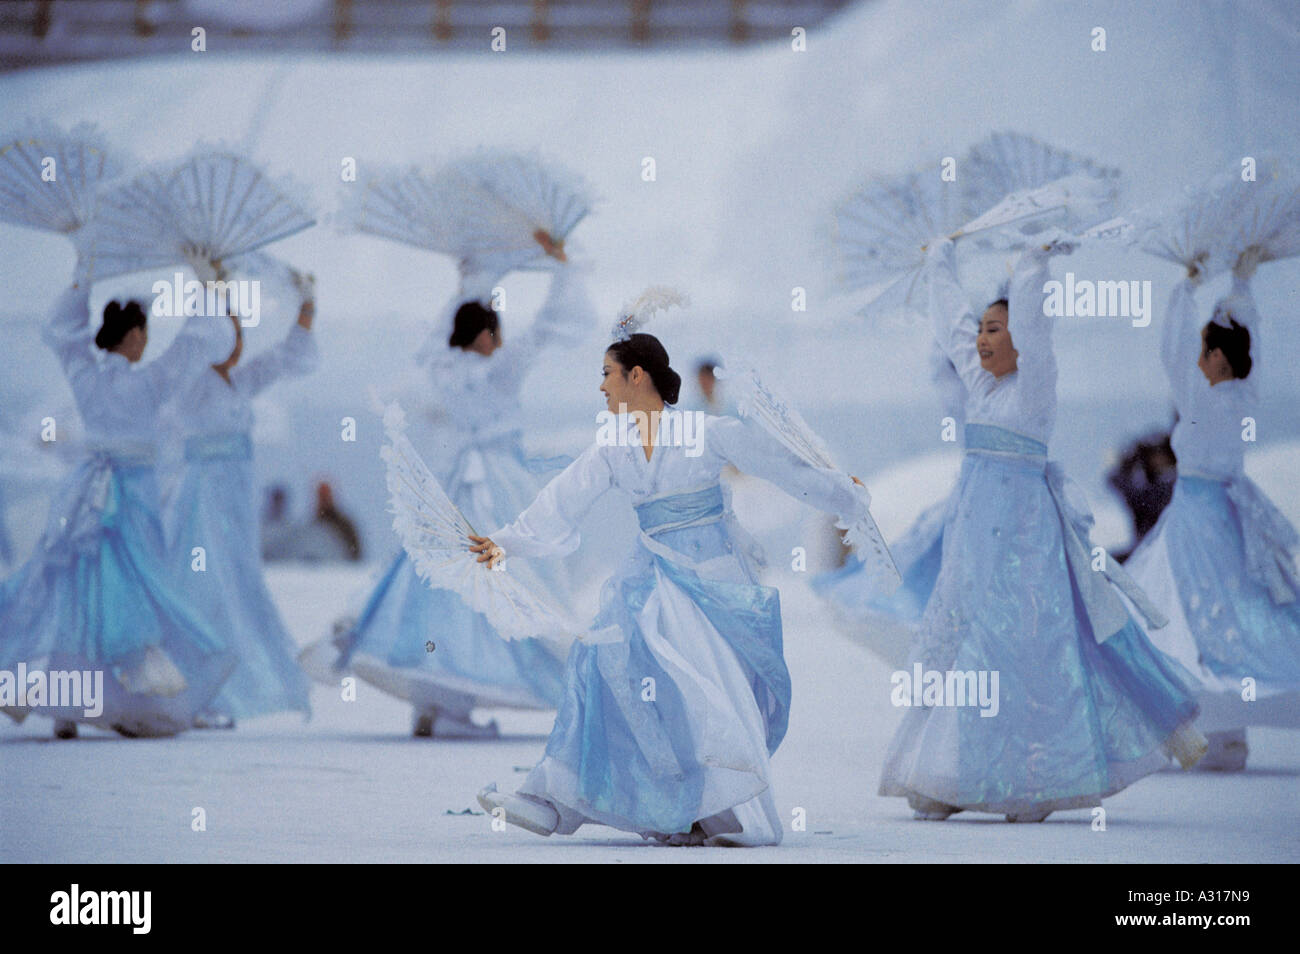 Fan (Personal Accessory),Folding Fan,Hanbok,Tradit - Stock Image